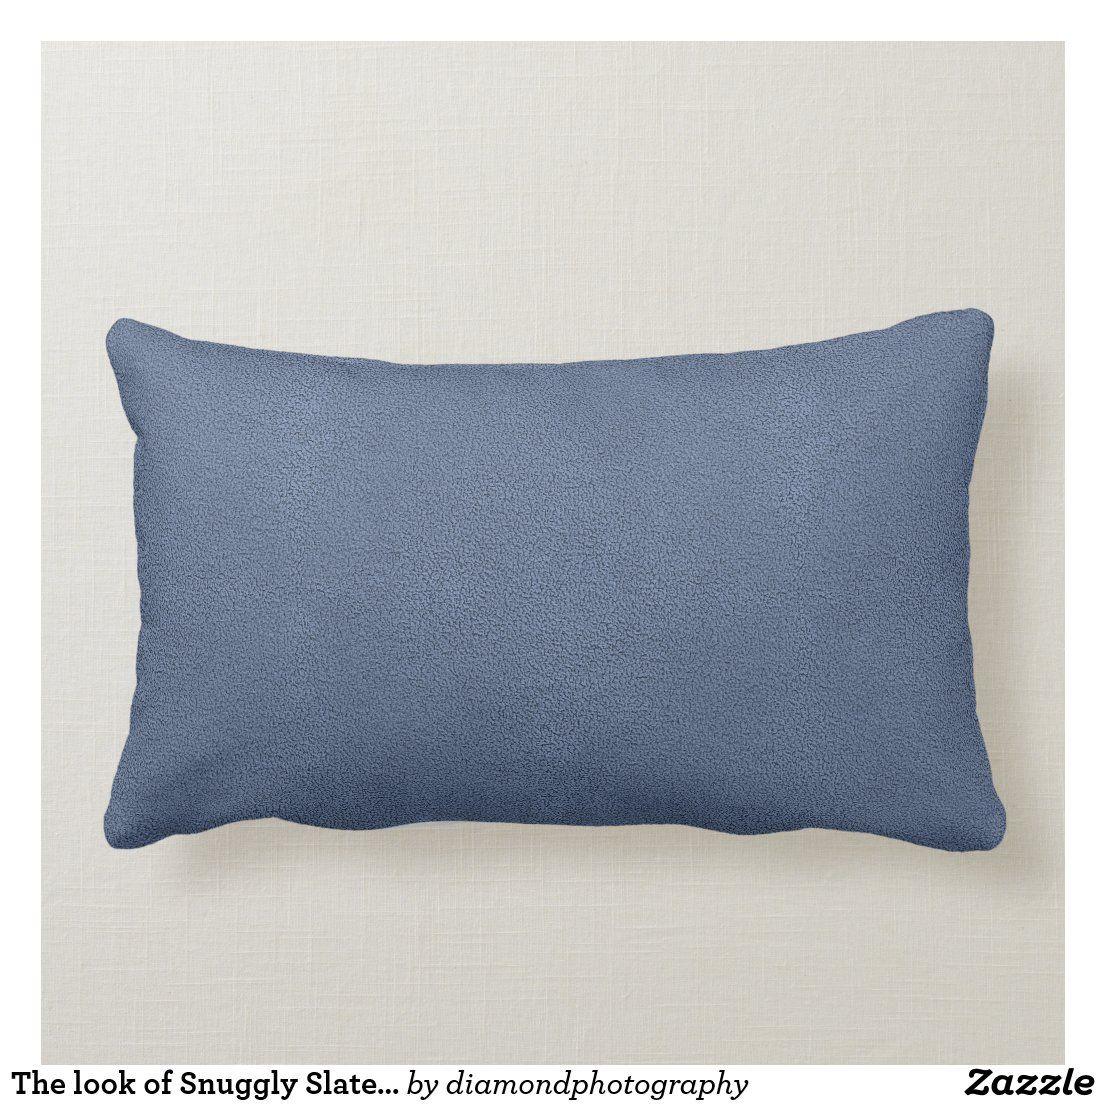 The Look Of Snuggly Slate Blue Suede Texture Lumbar Pillow Zazzle Com Blue Pillows Decorative Pillows Lumbar Pillow